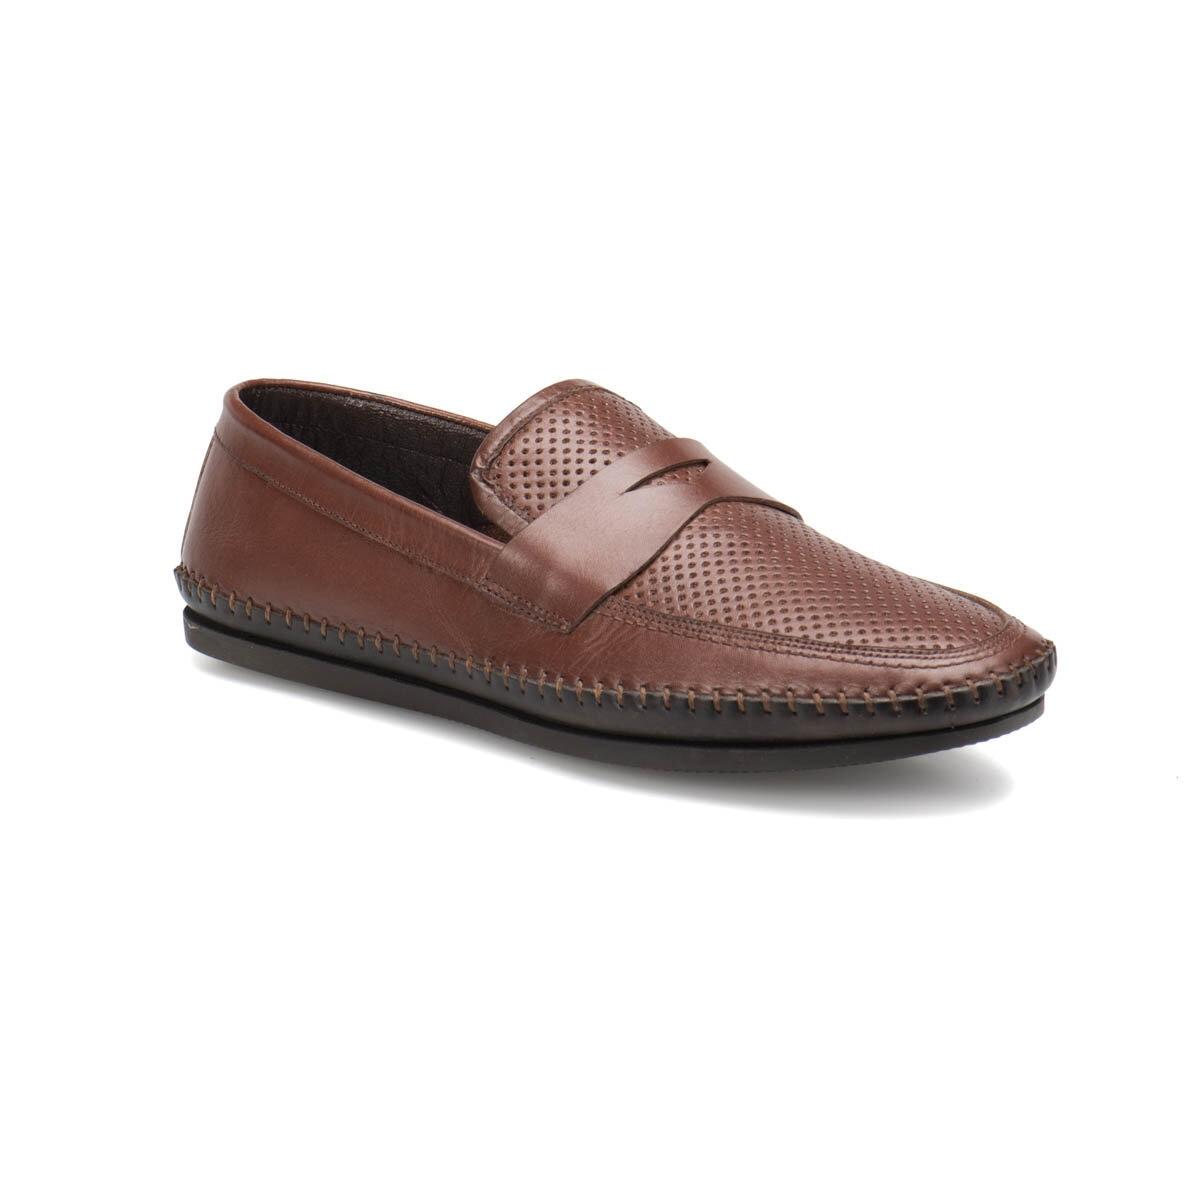 FLO 3045 M 1366 Black Men 'S Classic Shoes Flogart